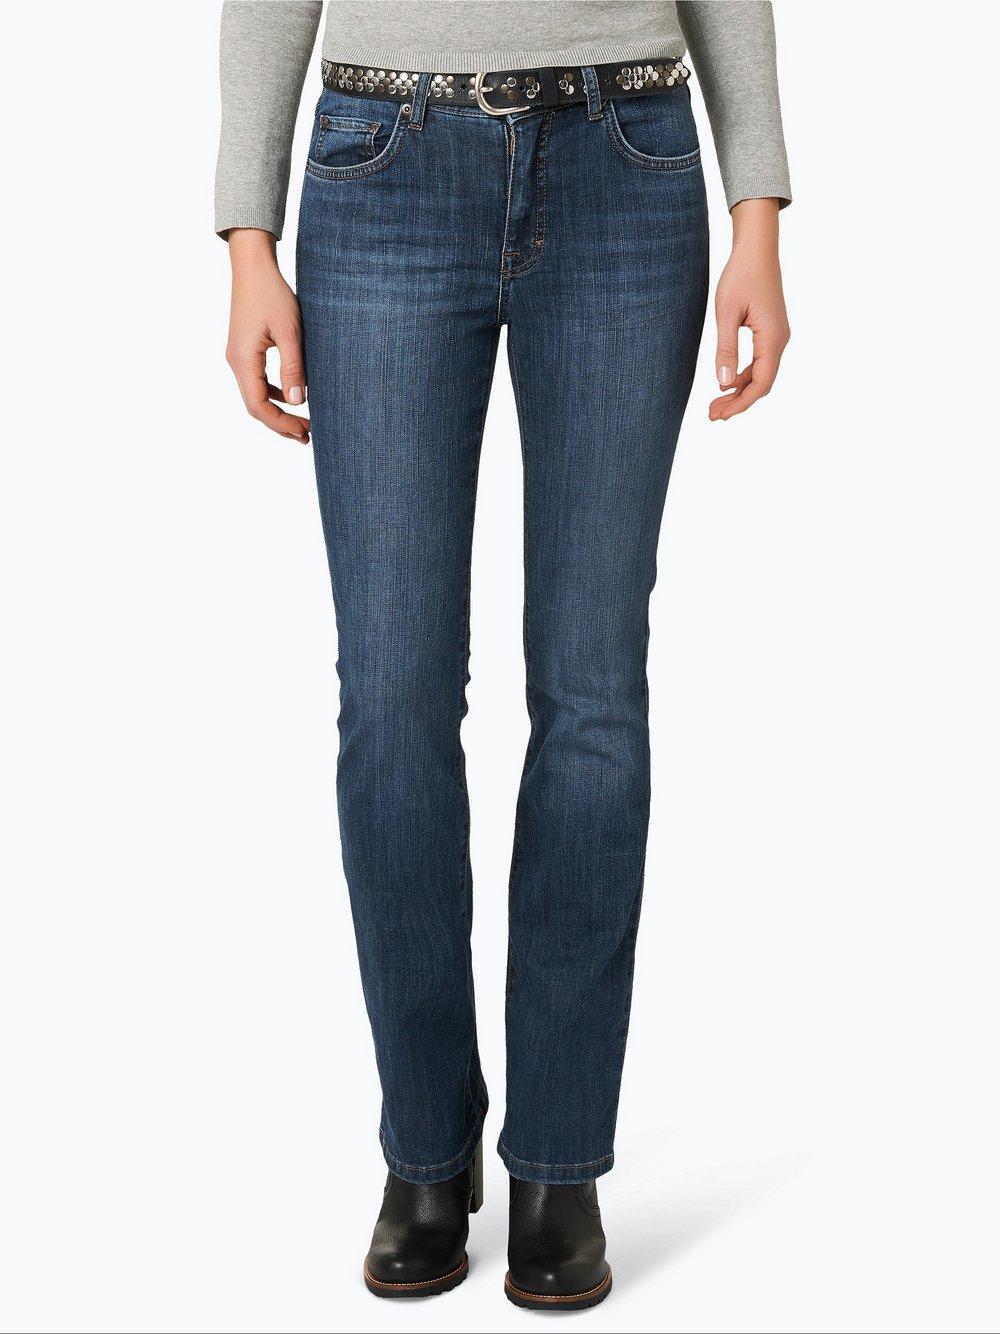 Angels Damen Jeans - Luci online kaufen | VANGRAAF.COM